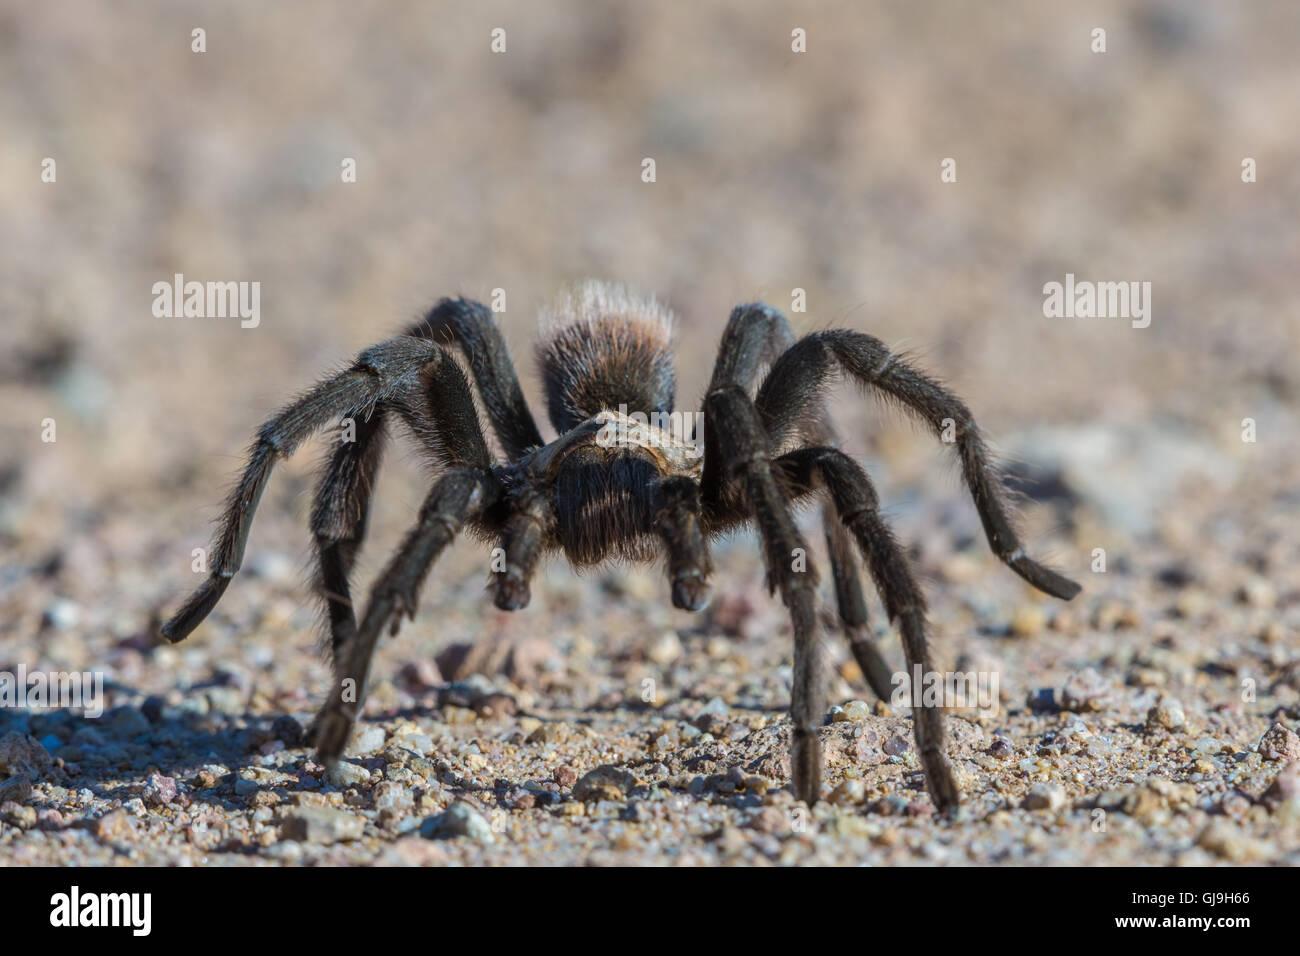 Tarantula, Ruby Road, Santa Cruz co., Arizona. - Stock Image